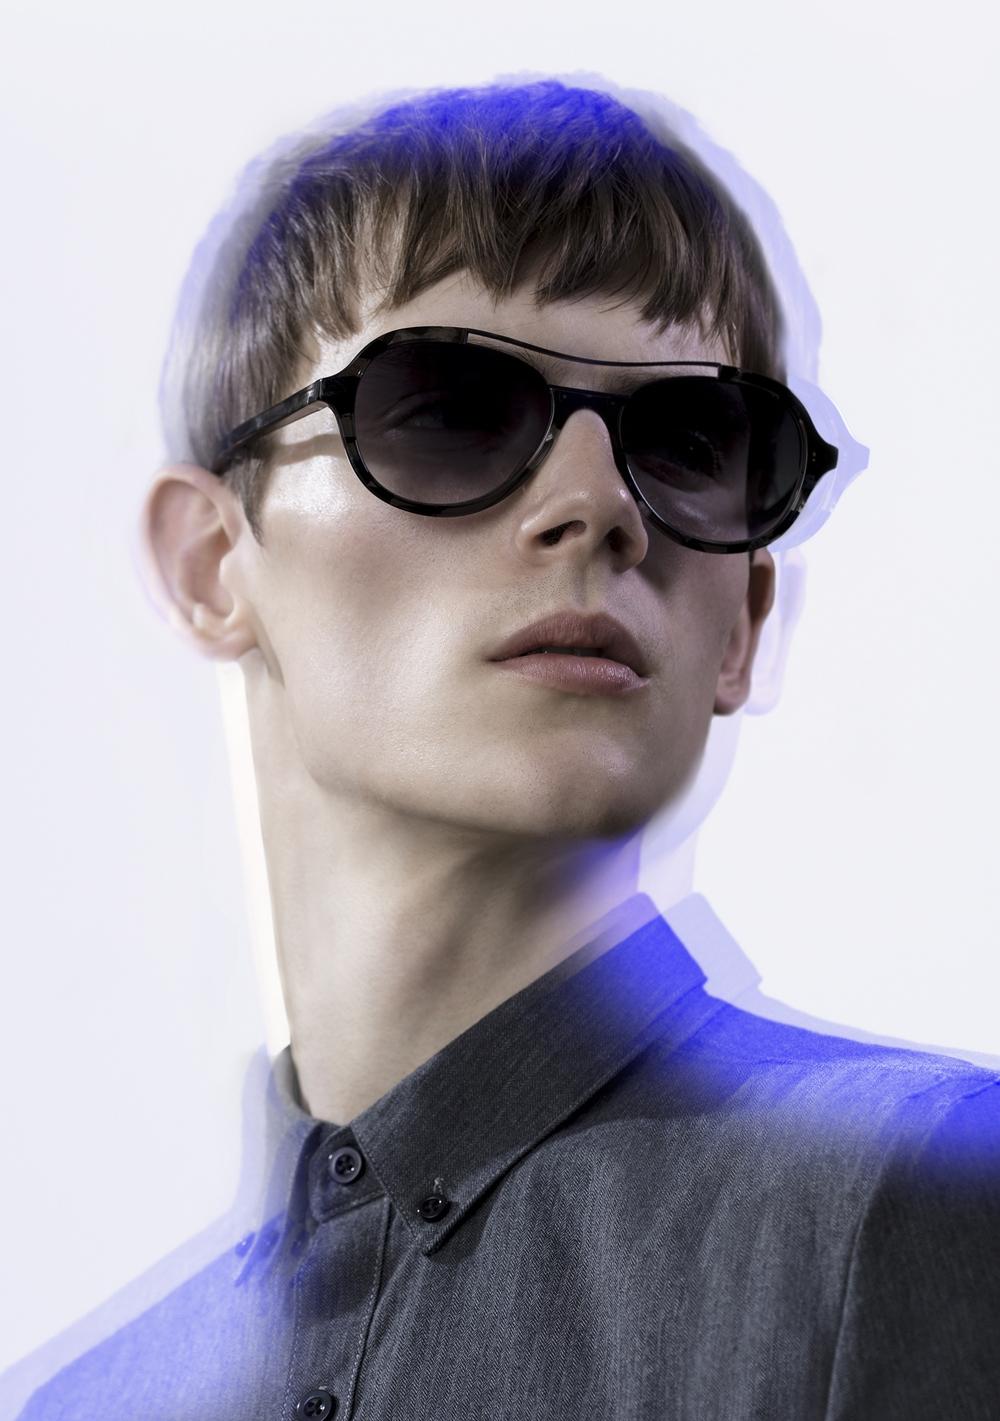 媽咪素玲揭秘今夏酷女孩的墨鏡搭配法則竟然超展開!